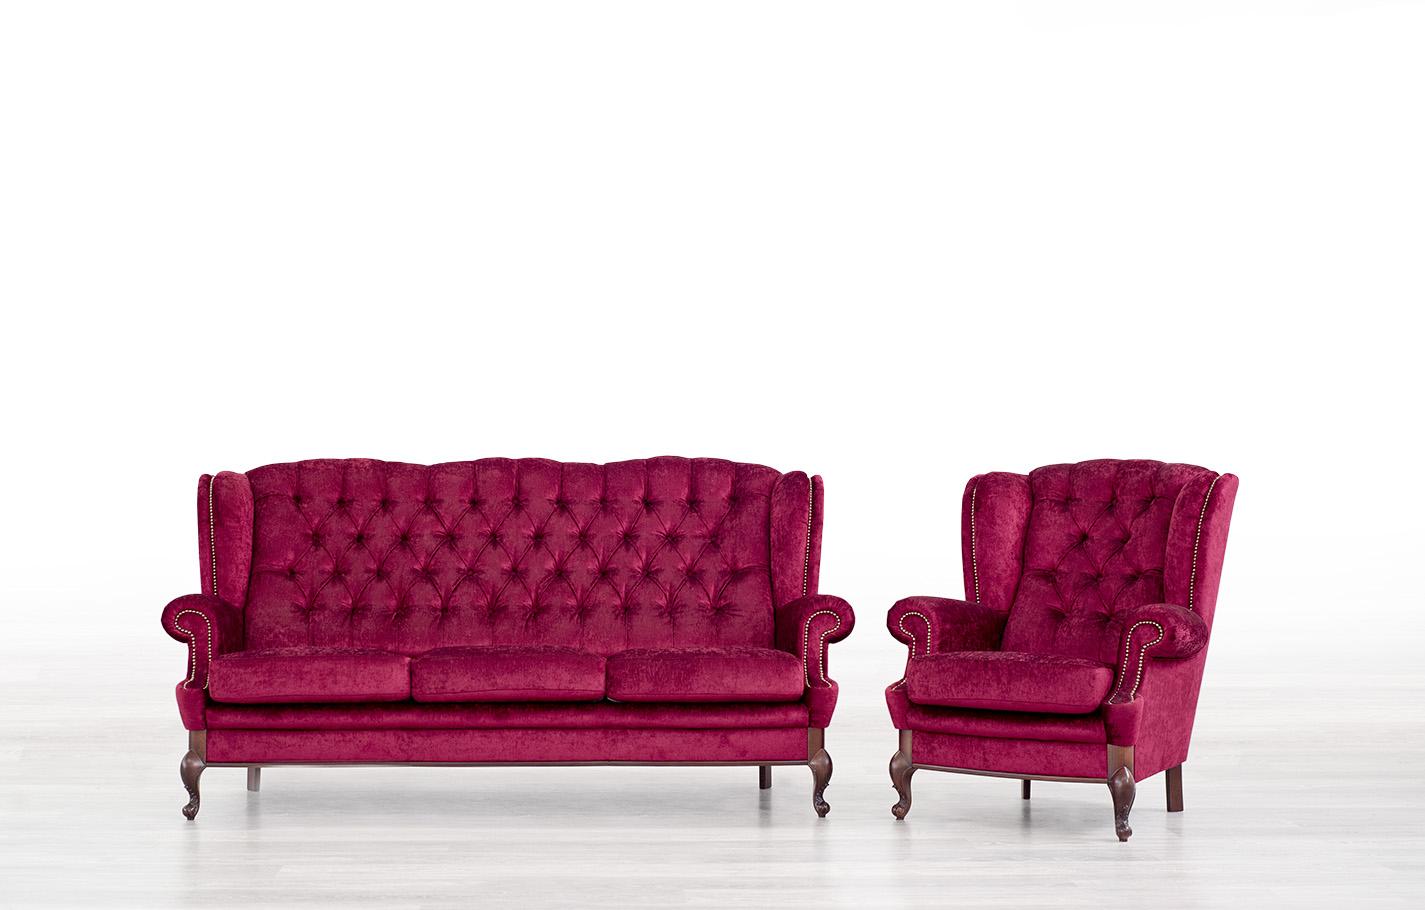 sofa_Lord_7